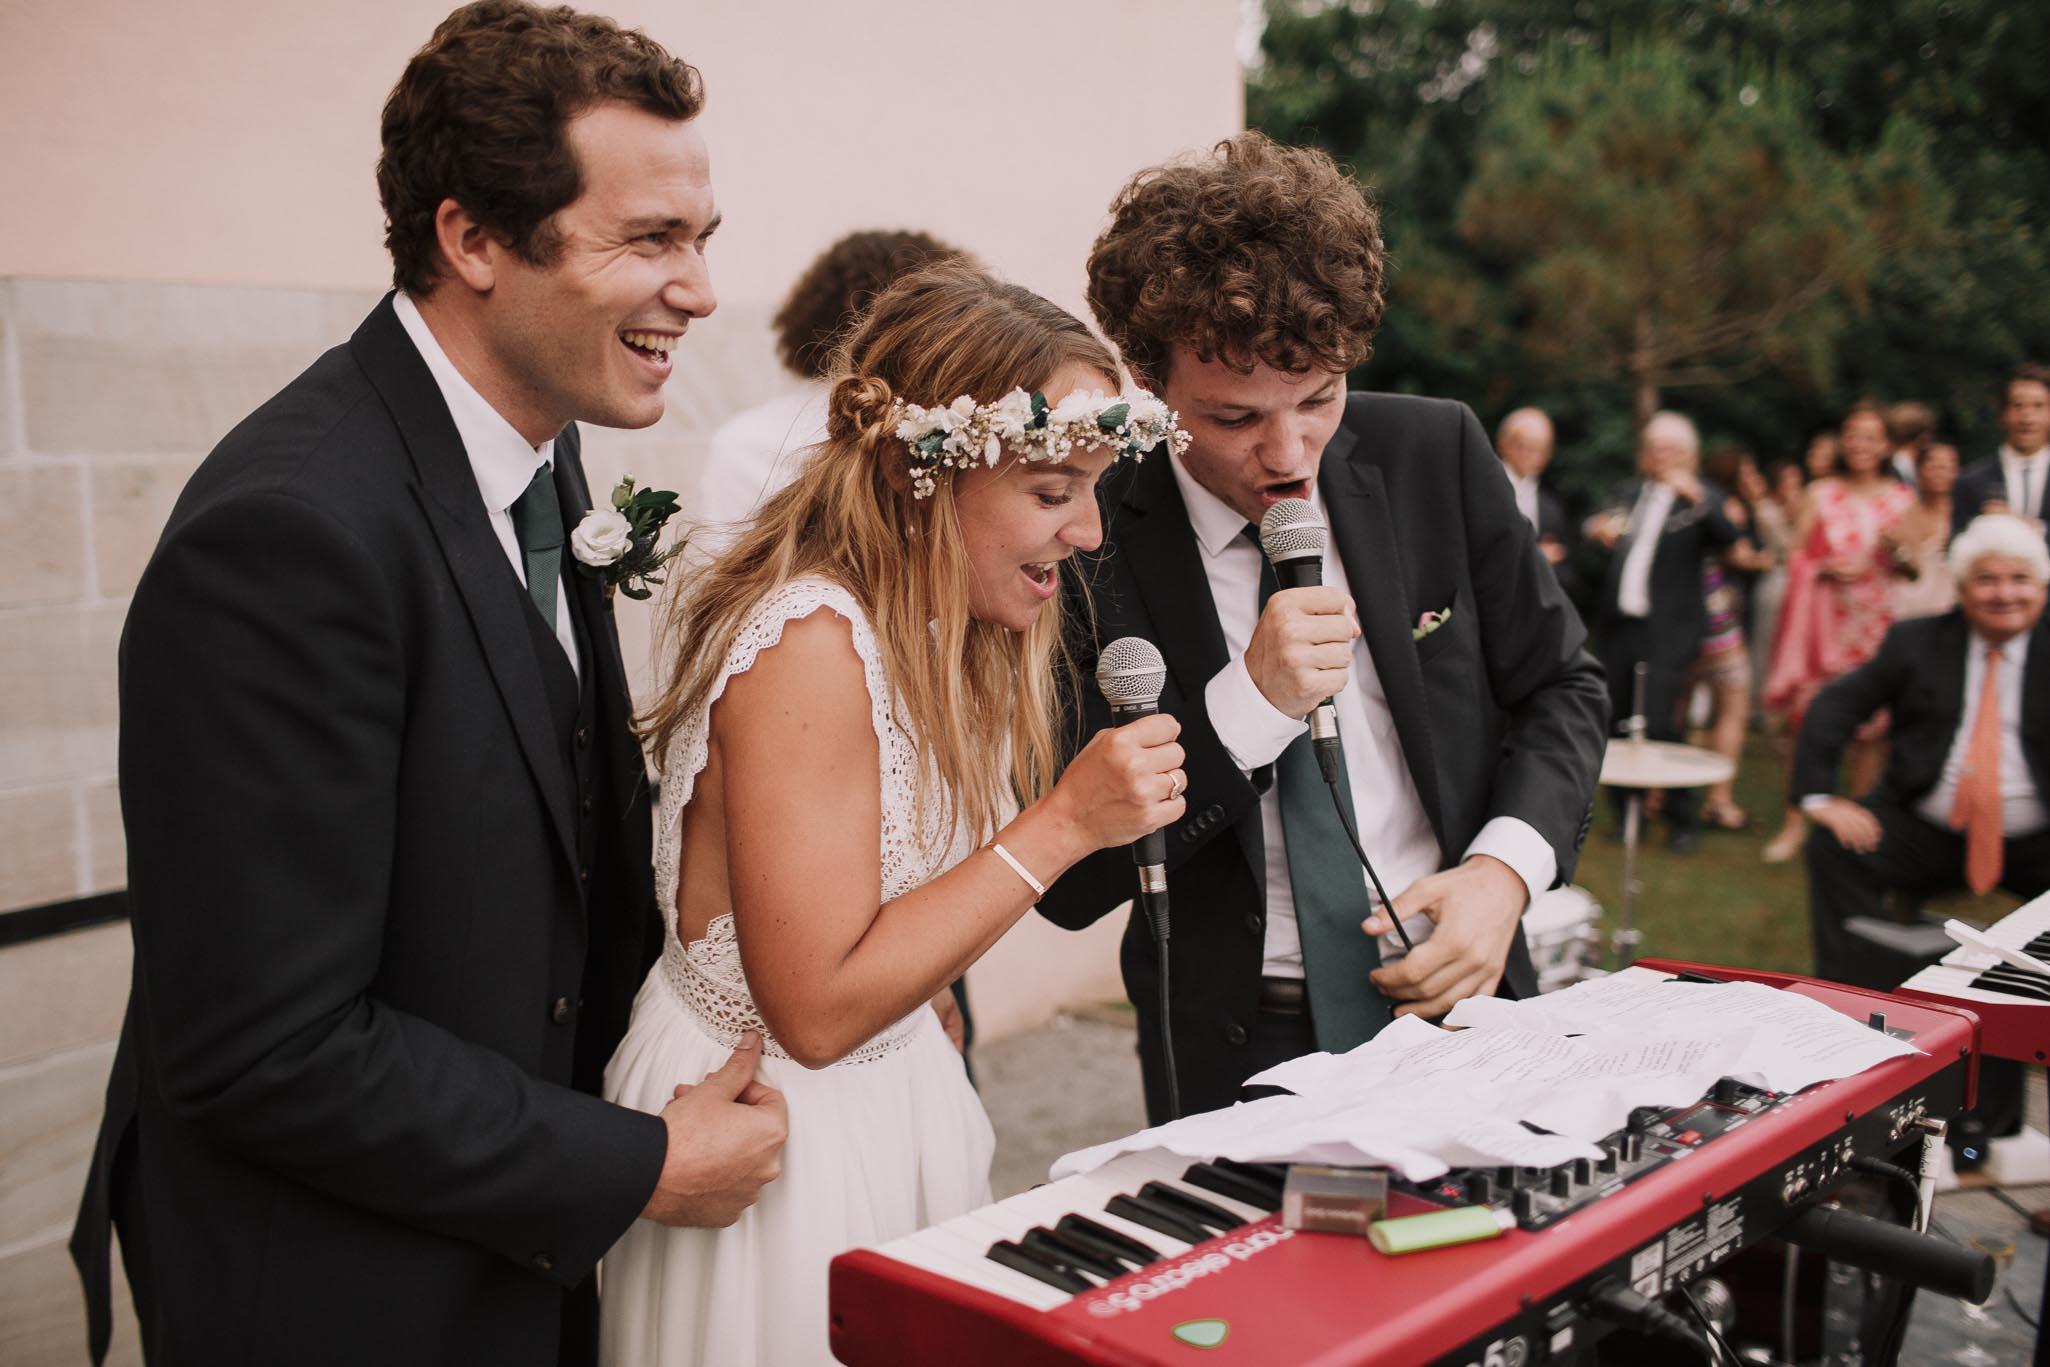 Photographe-mariage-bordeaux-jeremy-boyer-pays-basque-ihartze-artea-sare-robe-eleonore-pauc-couple-amour-152.jpg